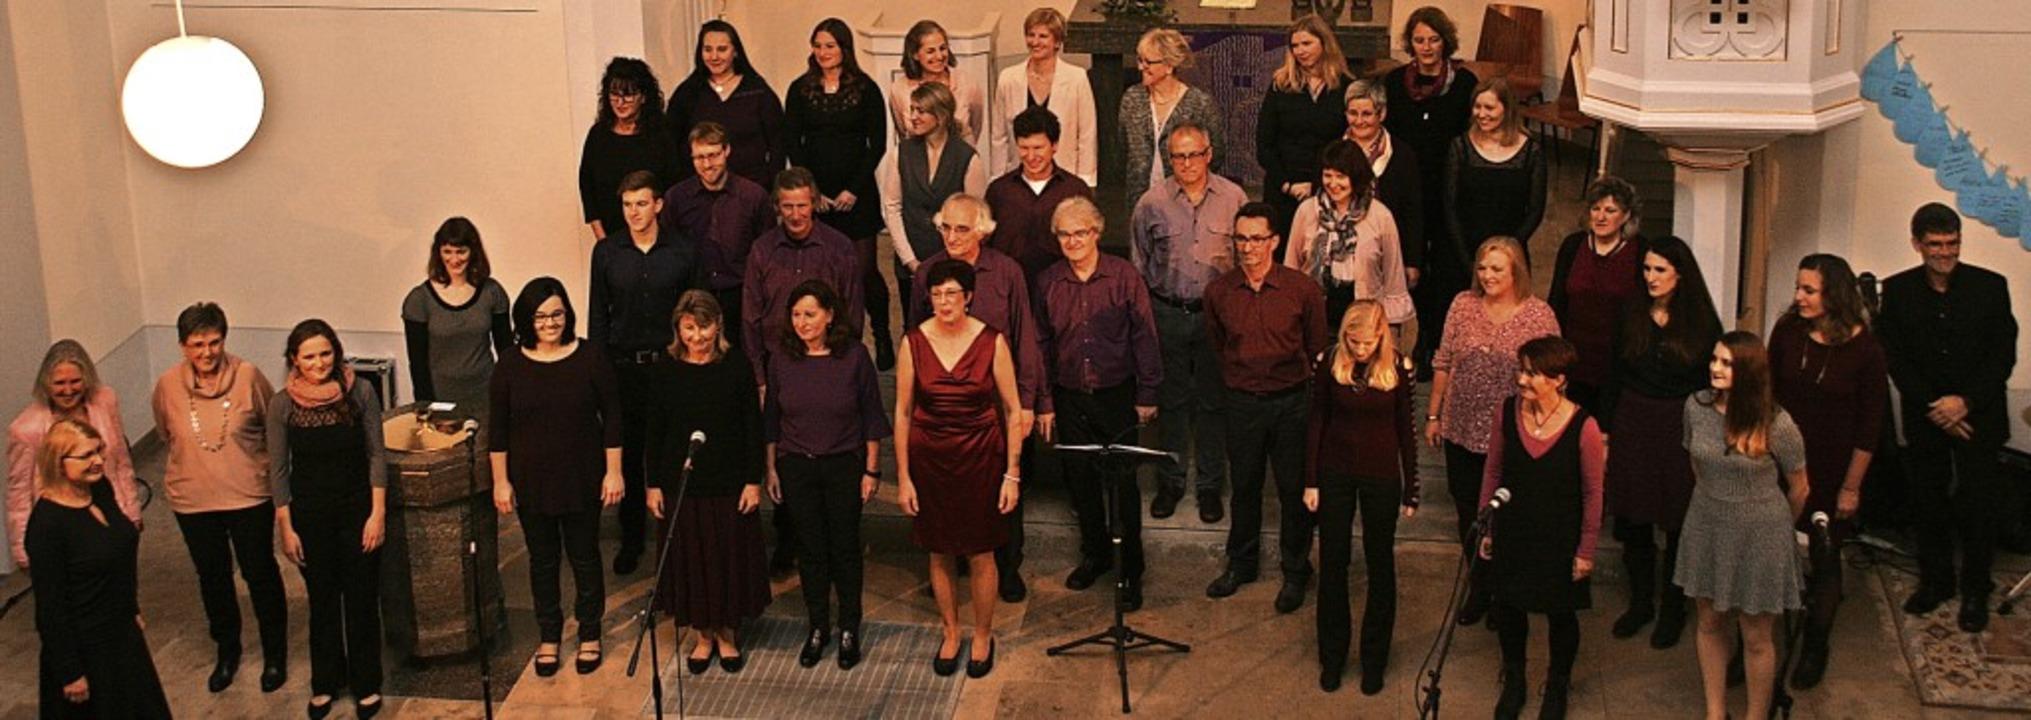 Der Bad Säckinger Chor ProSäcko trat i...gelischen Kirche in Bad Säckingen auf.  | Foto: Aloisia Zell